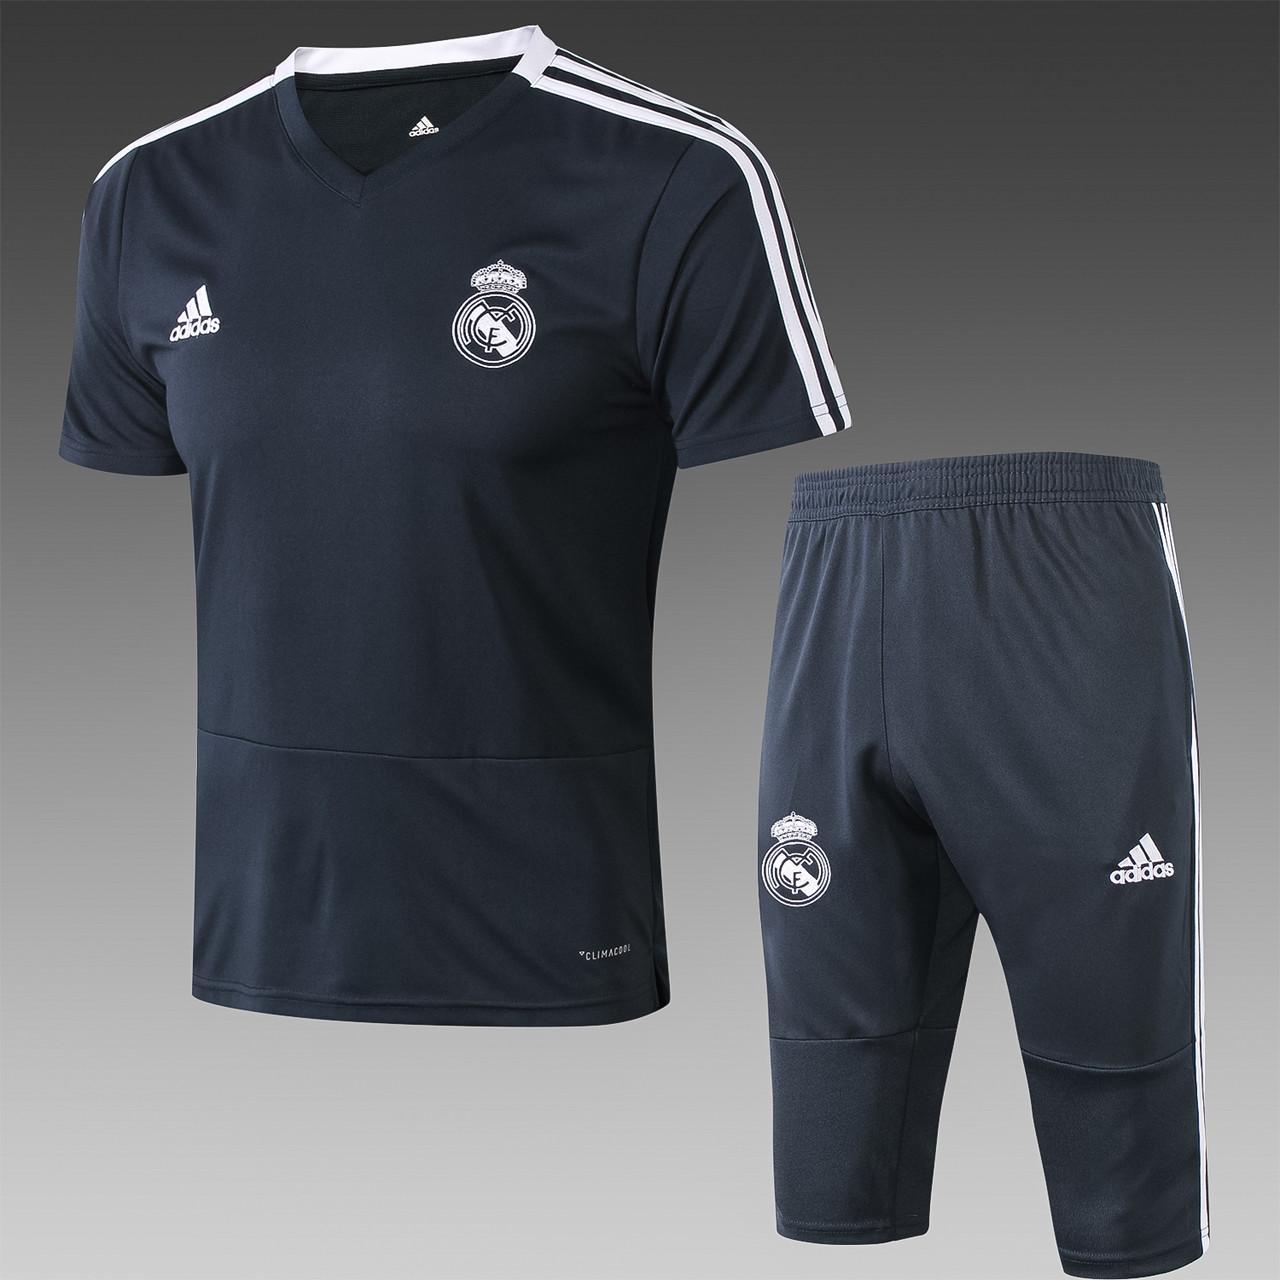 """Летний тренировочный костюм """"Реал Мадрид"""", 2019 (бриджи и футболка)"""